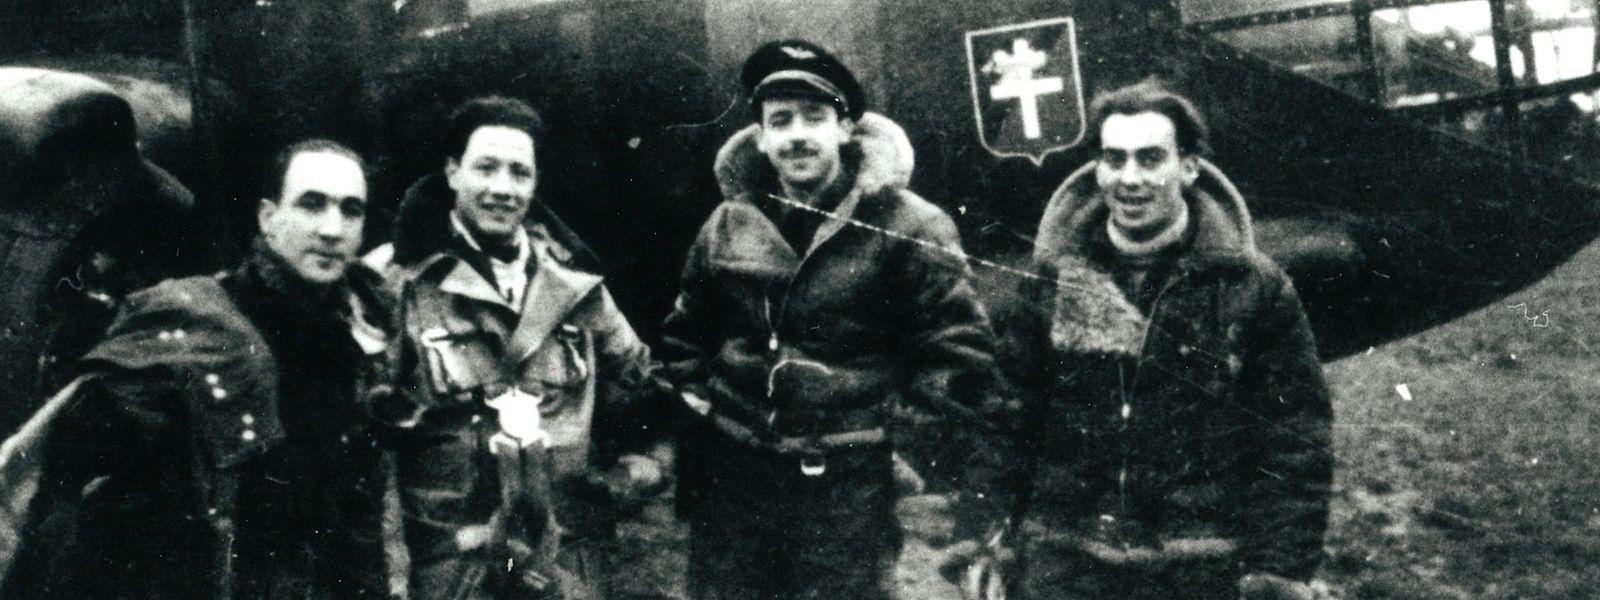 Jean-Bernard Ney (2.v.r.) war der führende Navigator eines Flugzeuggeschwaders, das zur Aufgabe hatte, einen Nebelschutz über den Sektor der Omaha Beach zu legen, um so die Landung der Alliierten zu verbergen.